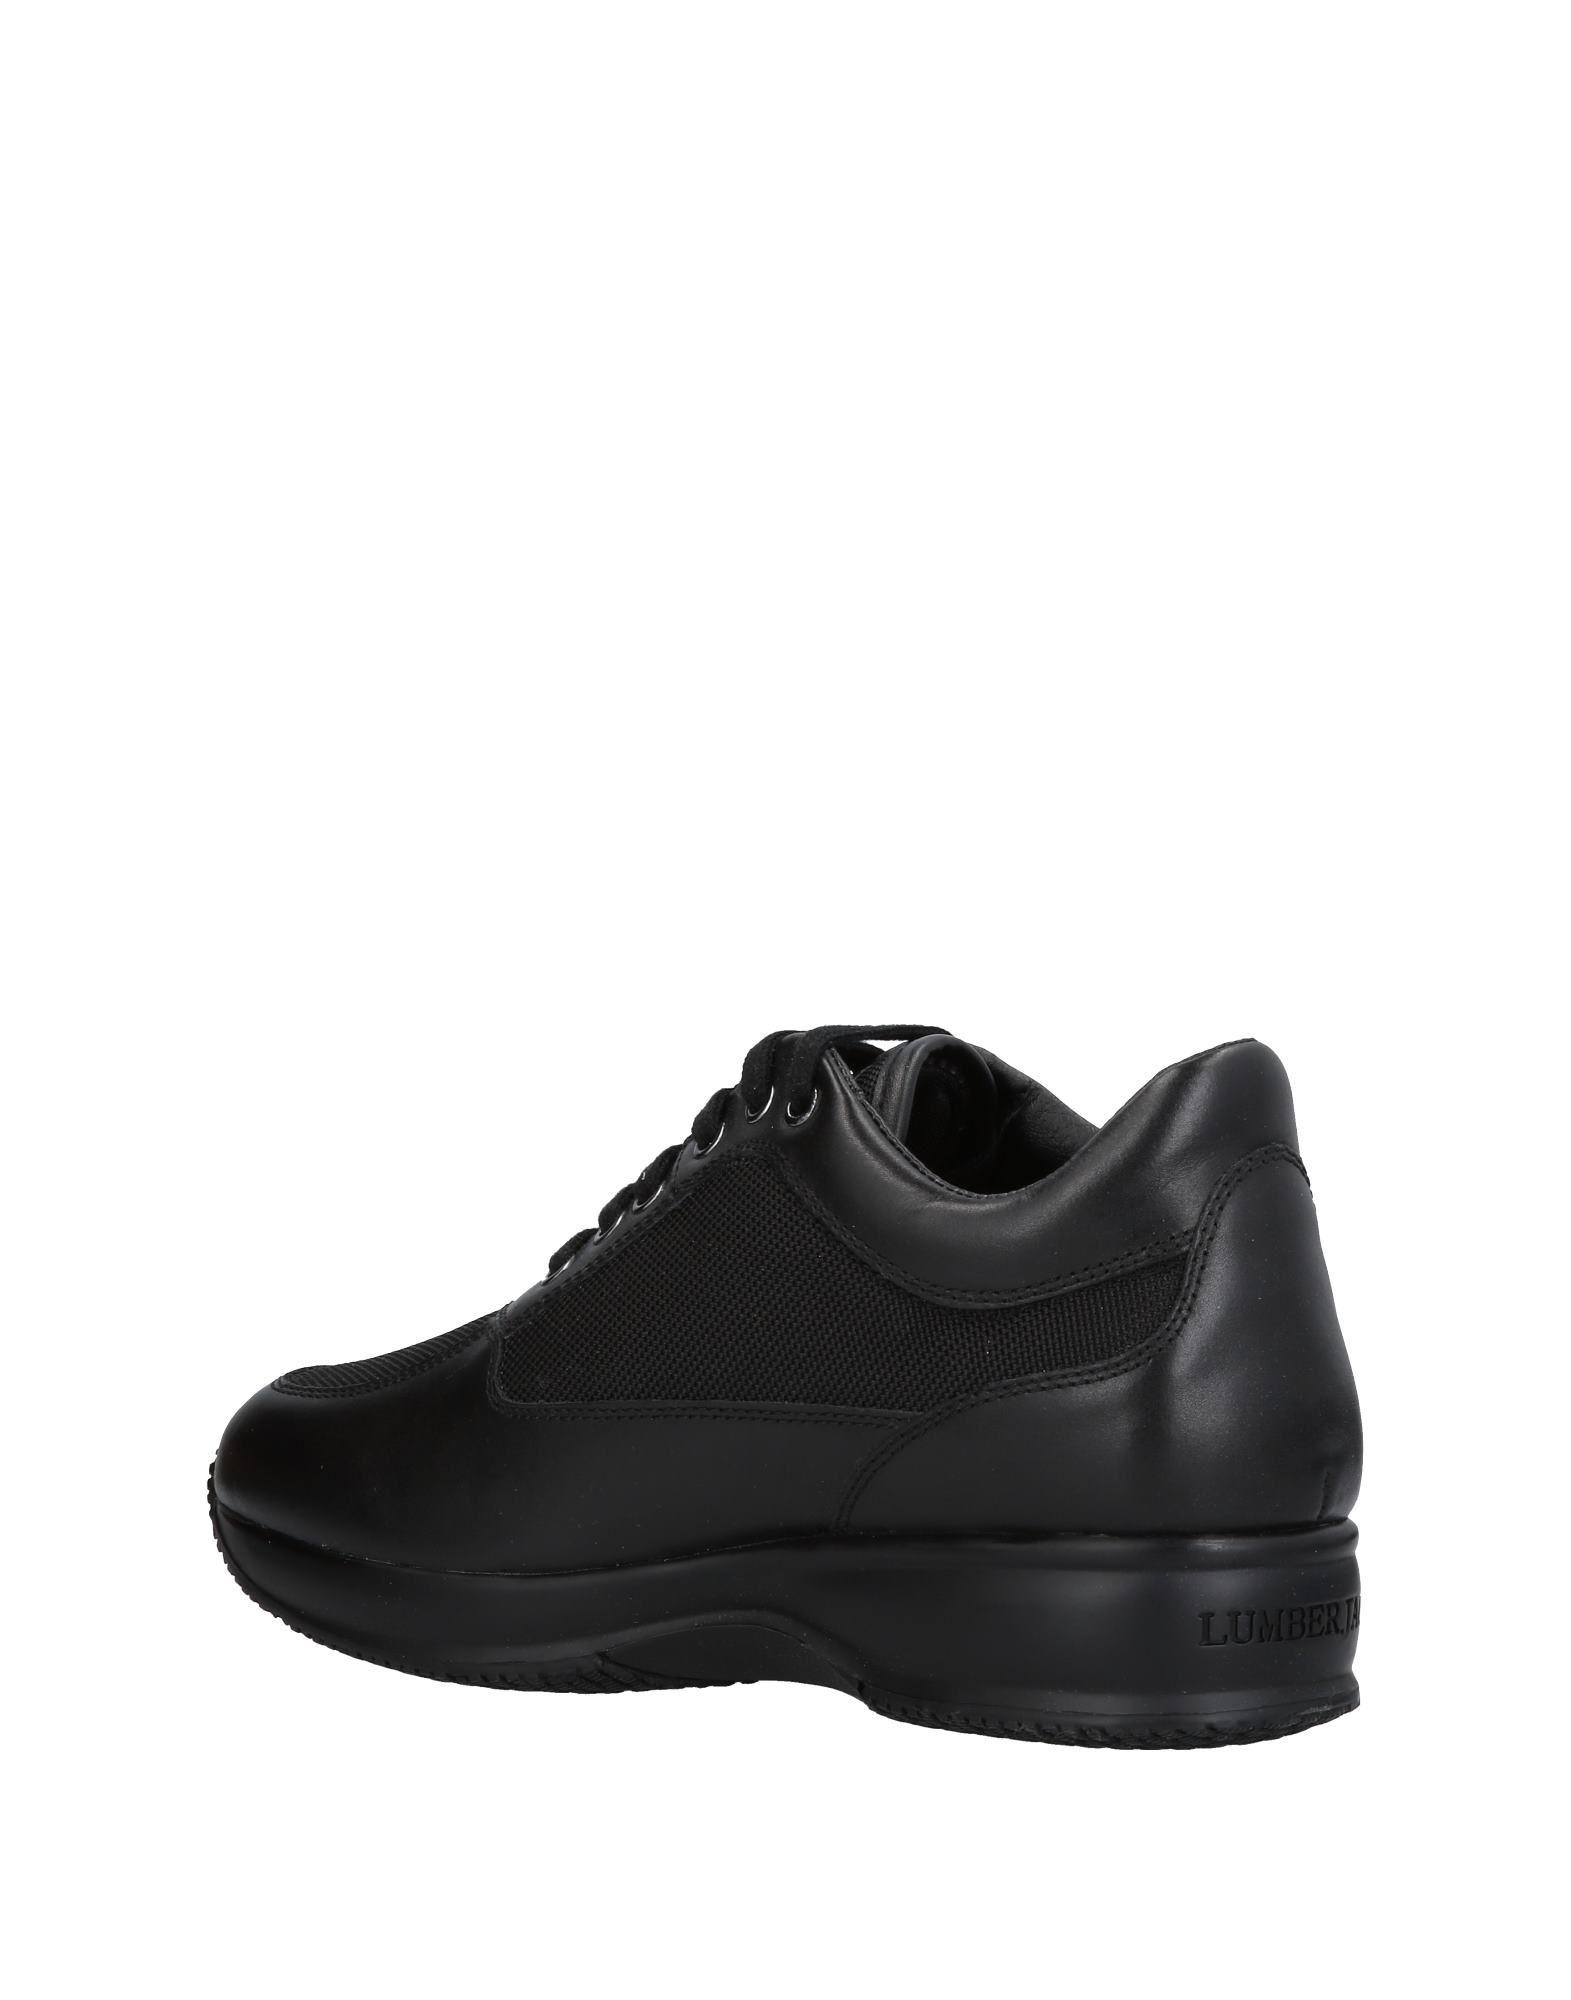 Lumberjack Lumberjack  Sneakers Herren  11441649IW b84787